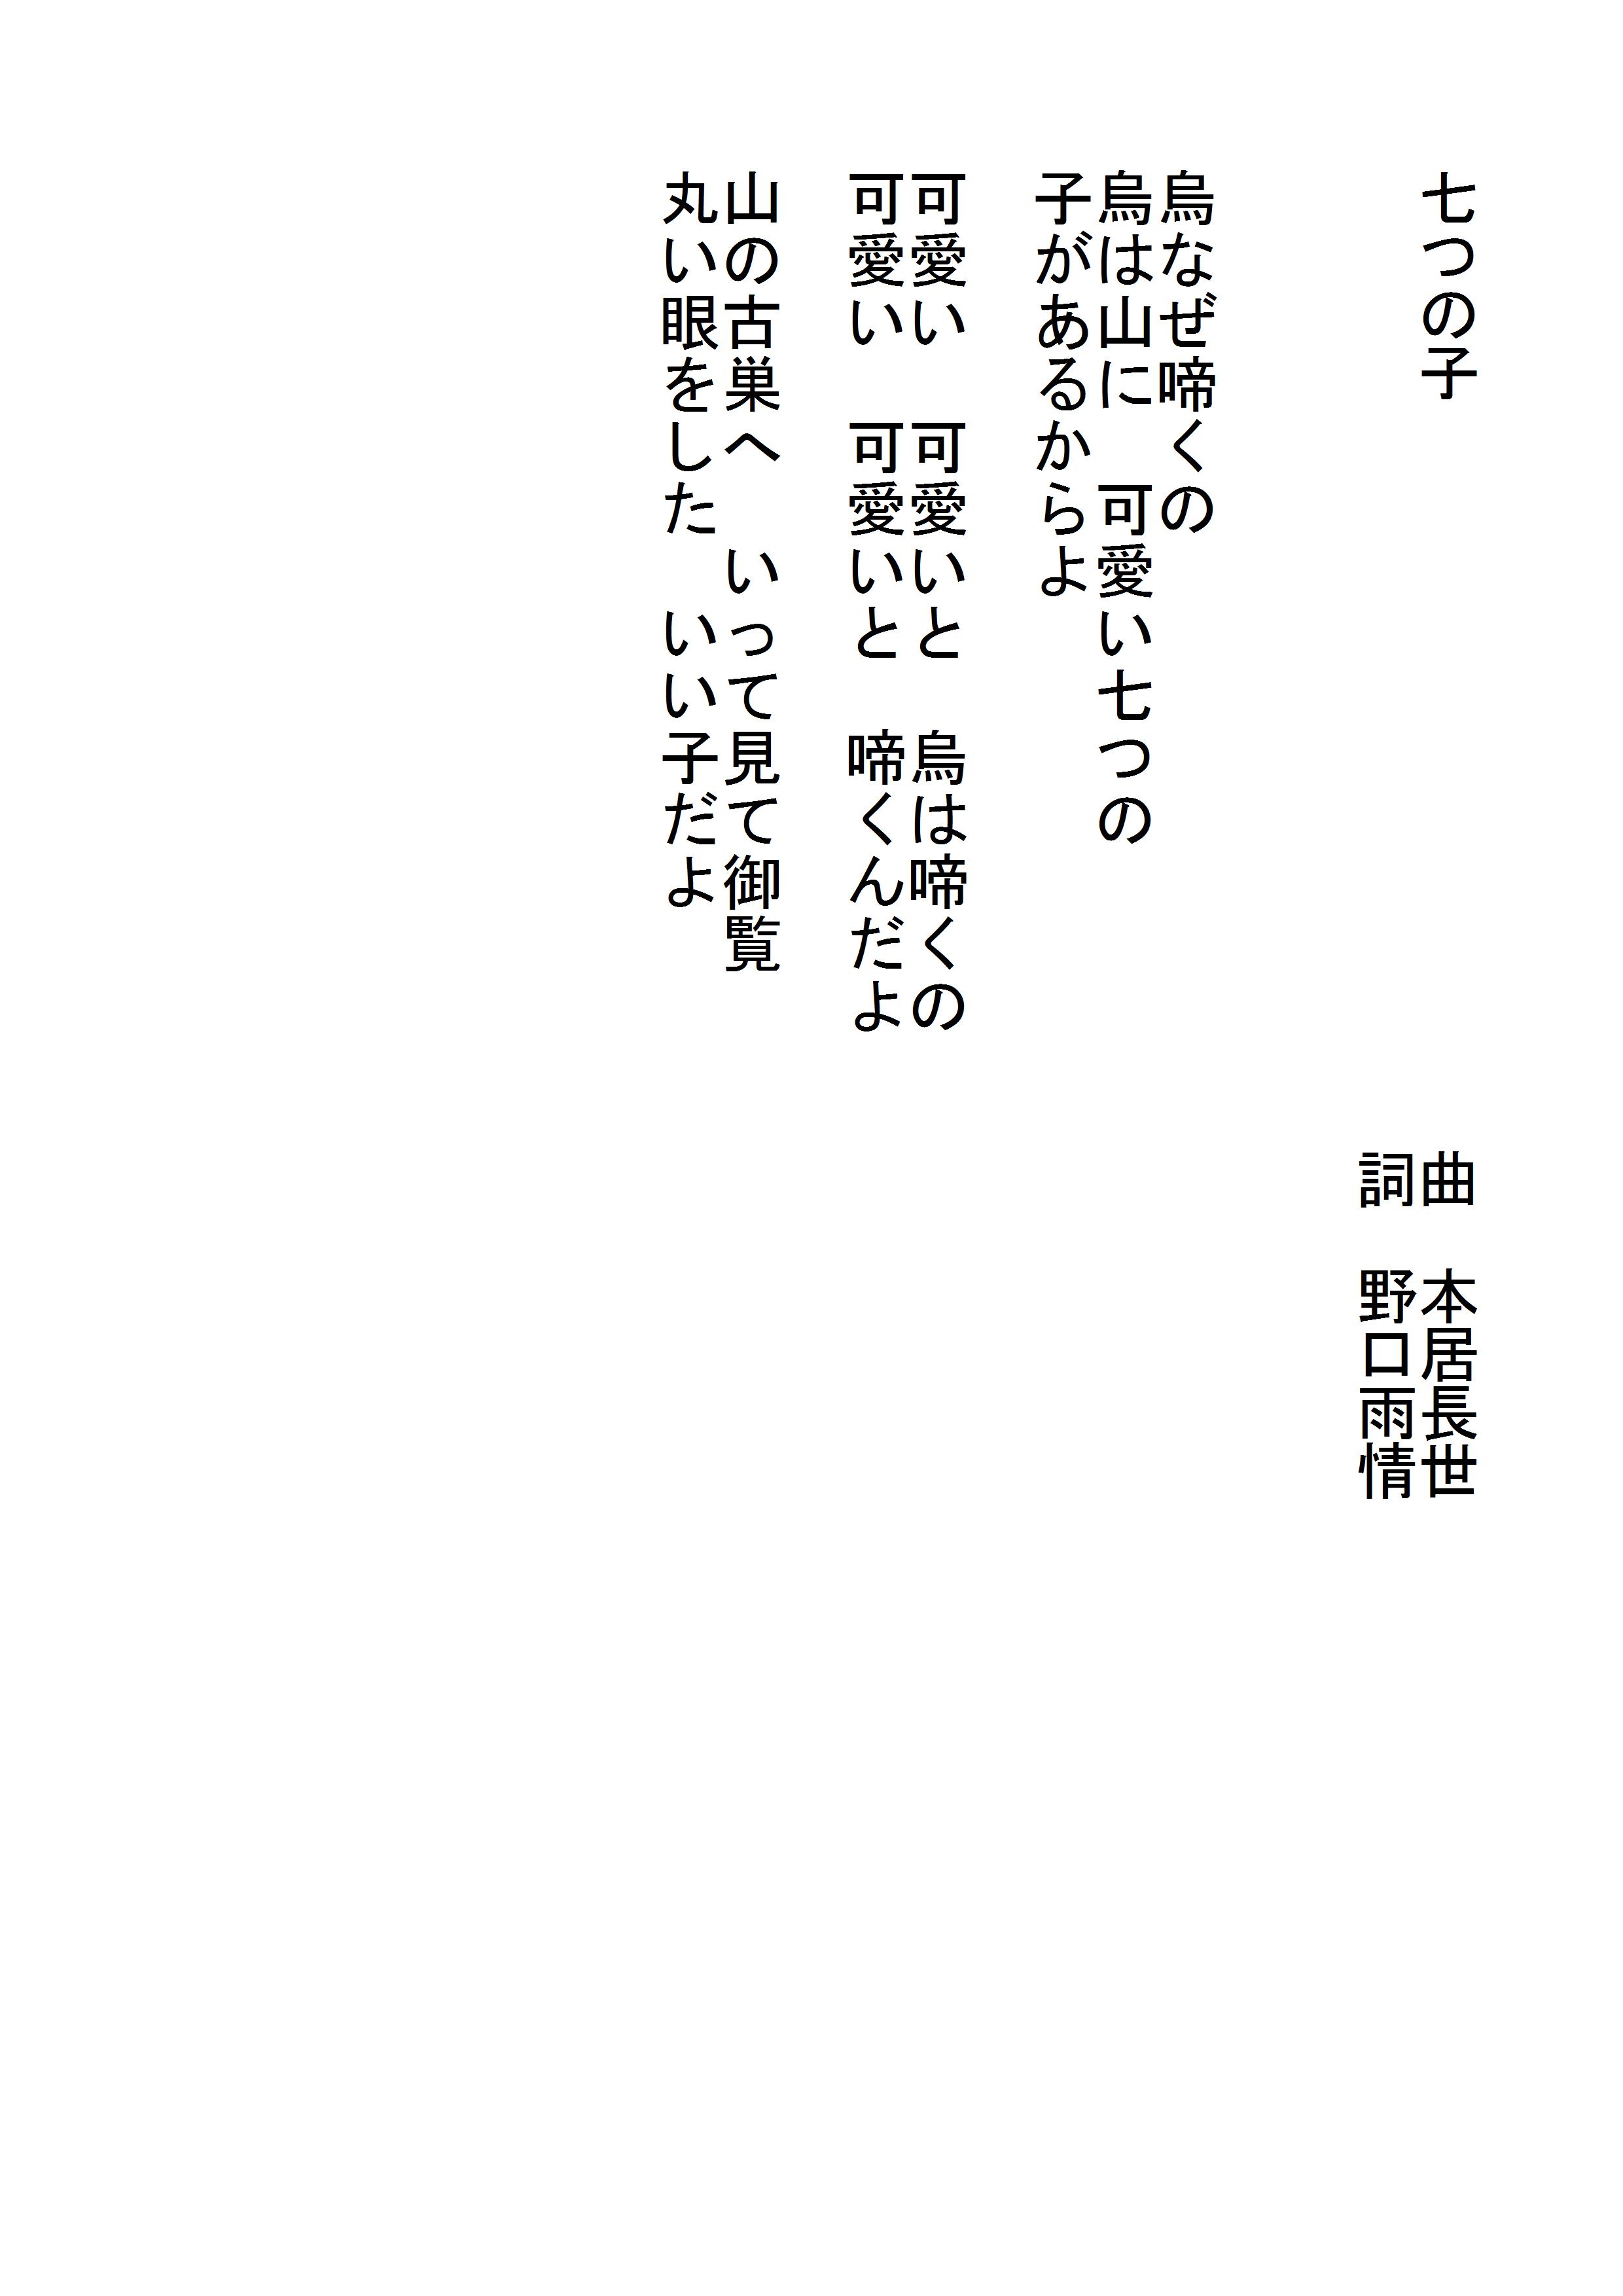 七つの子」の歌詞